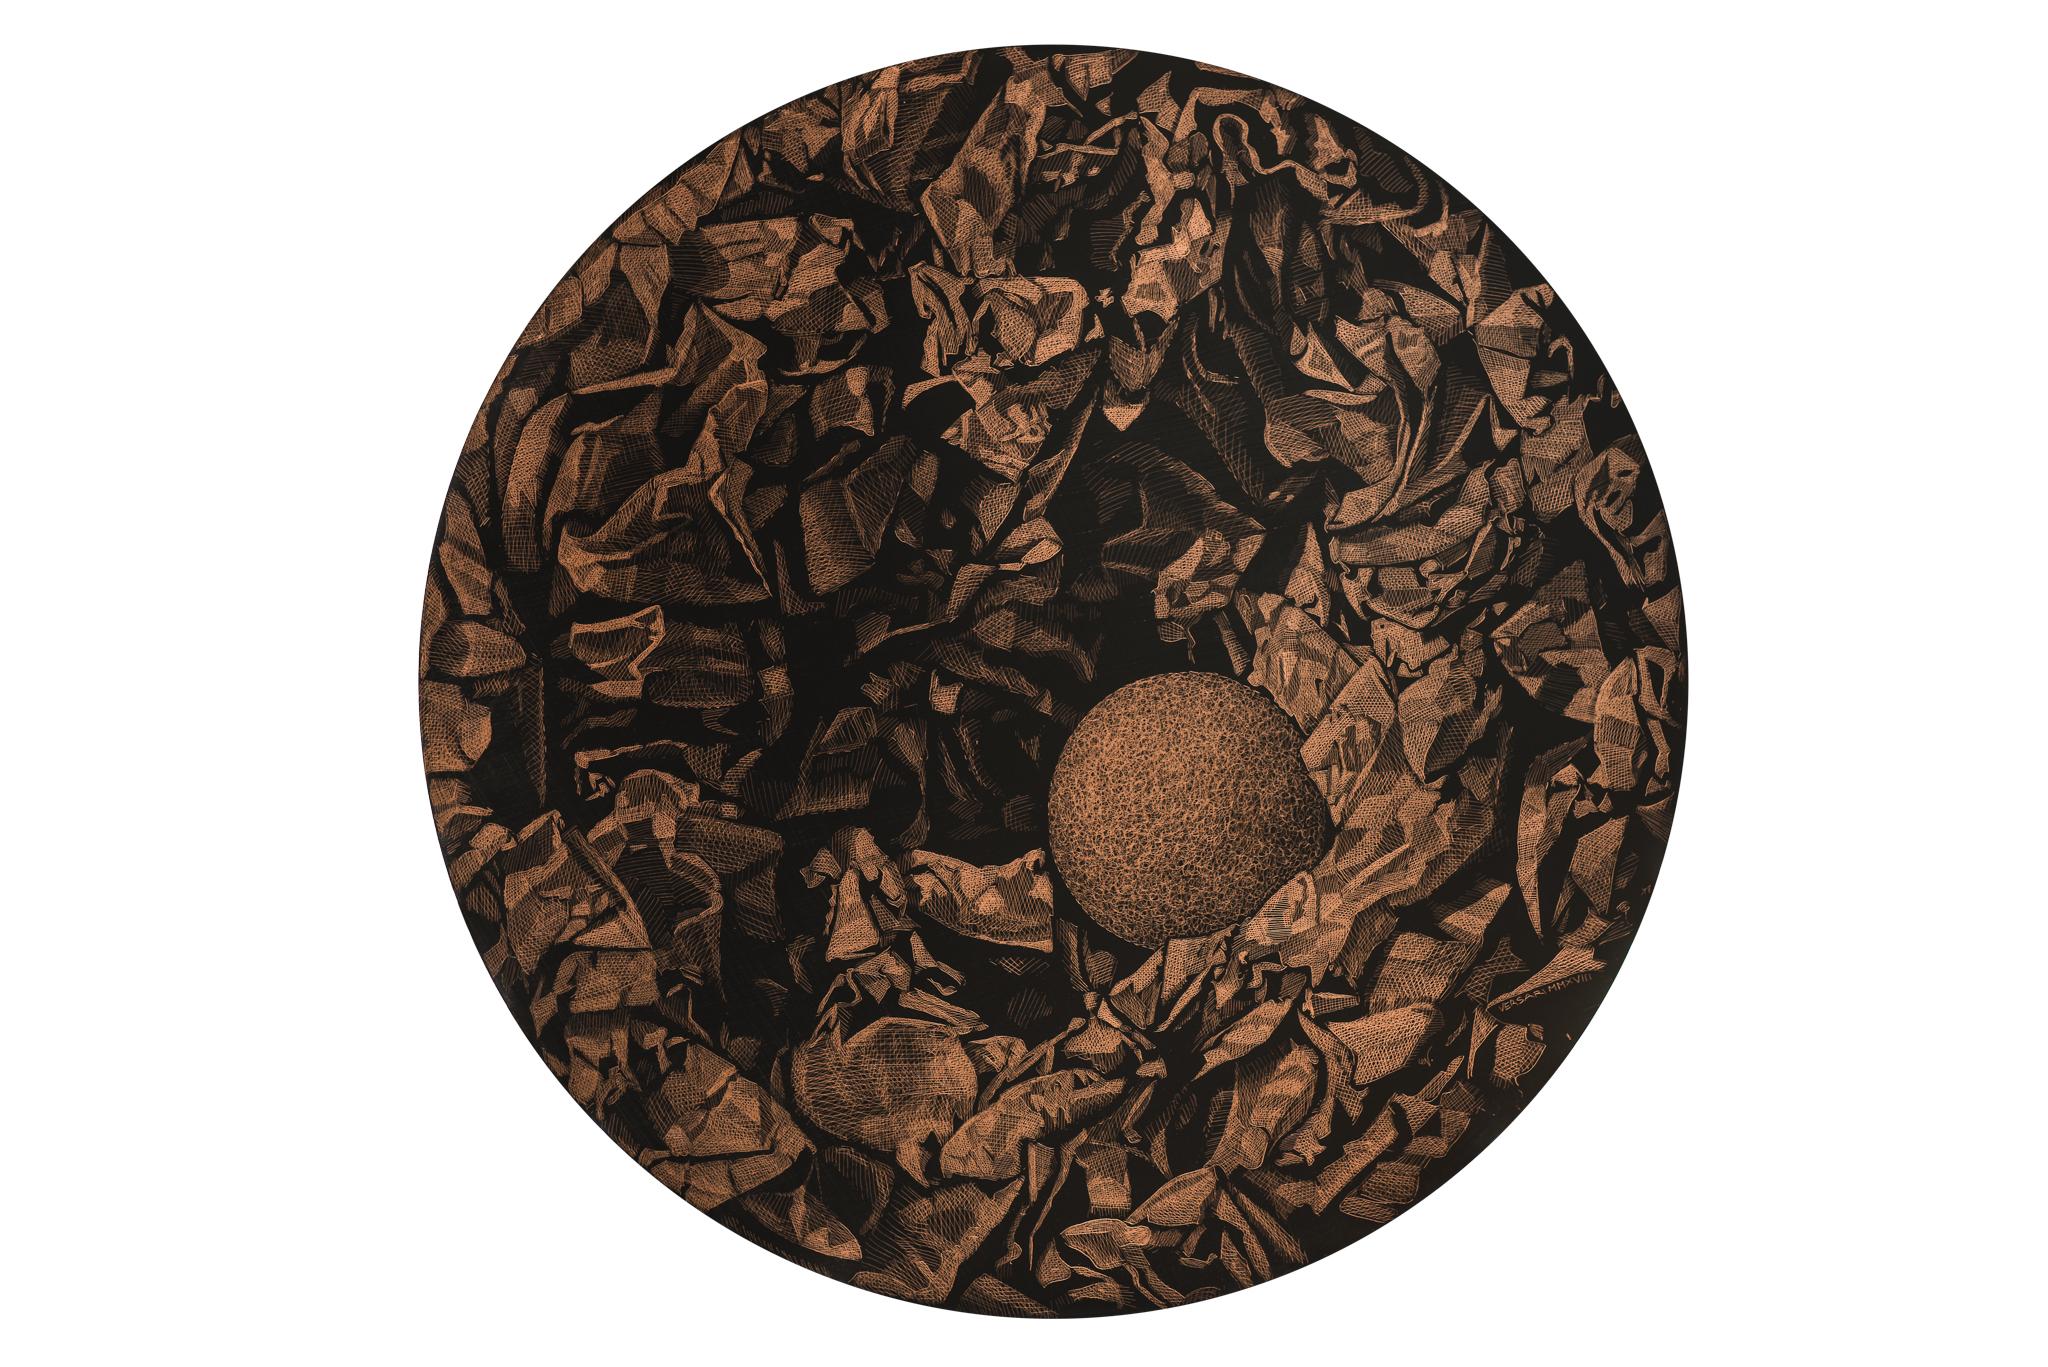 2-Concavo-pigmento-su-disco-di-rame-diametro-98-2018.jpg